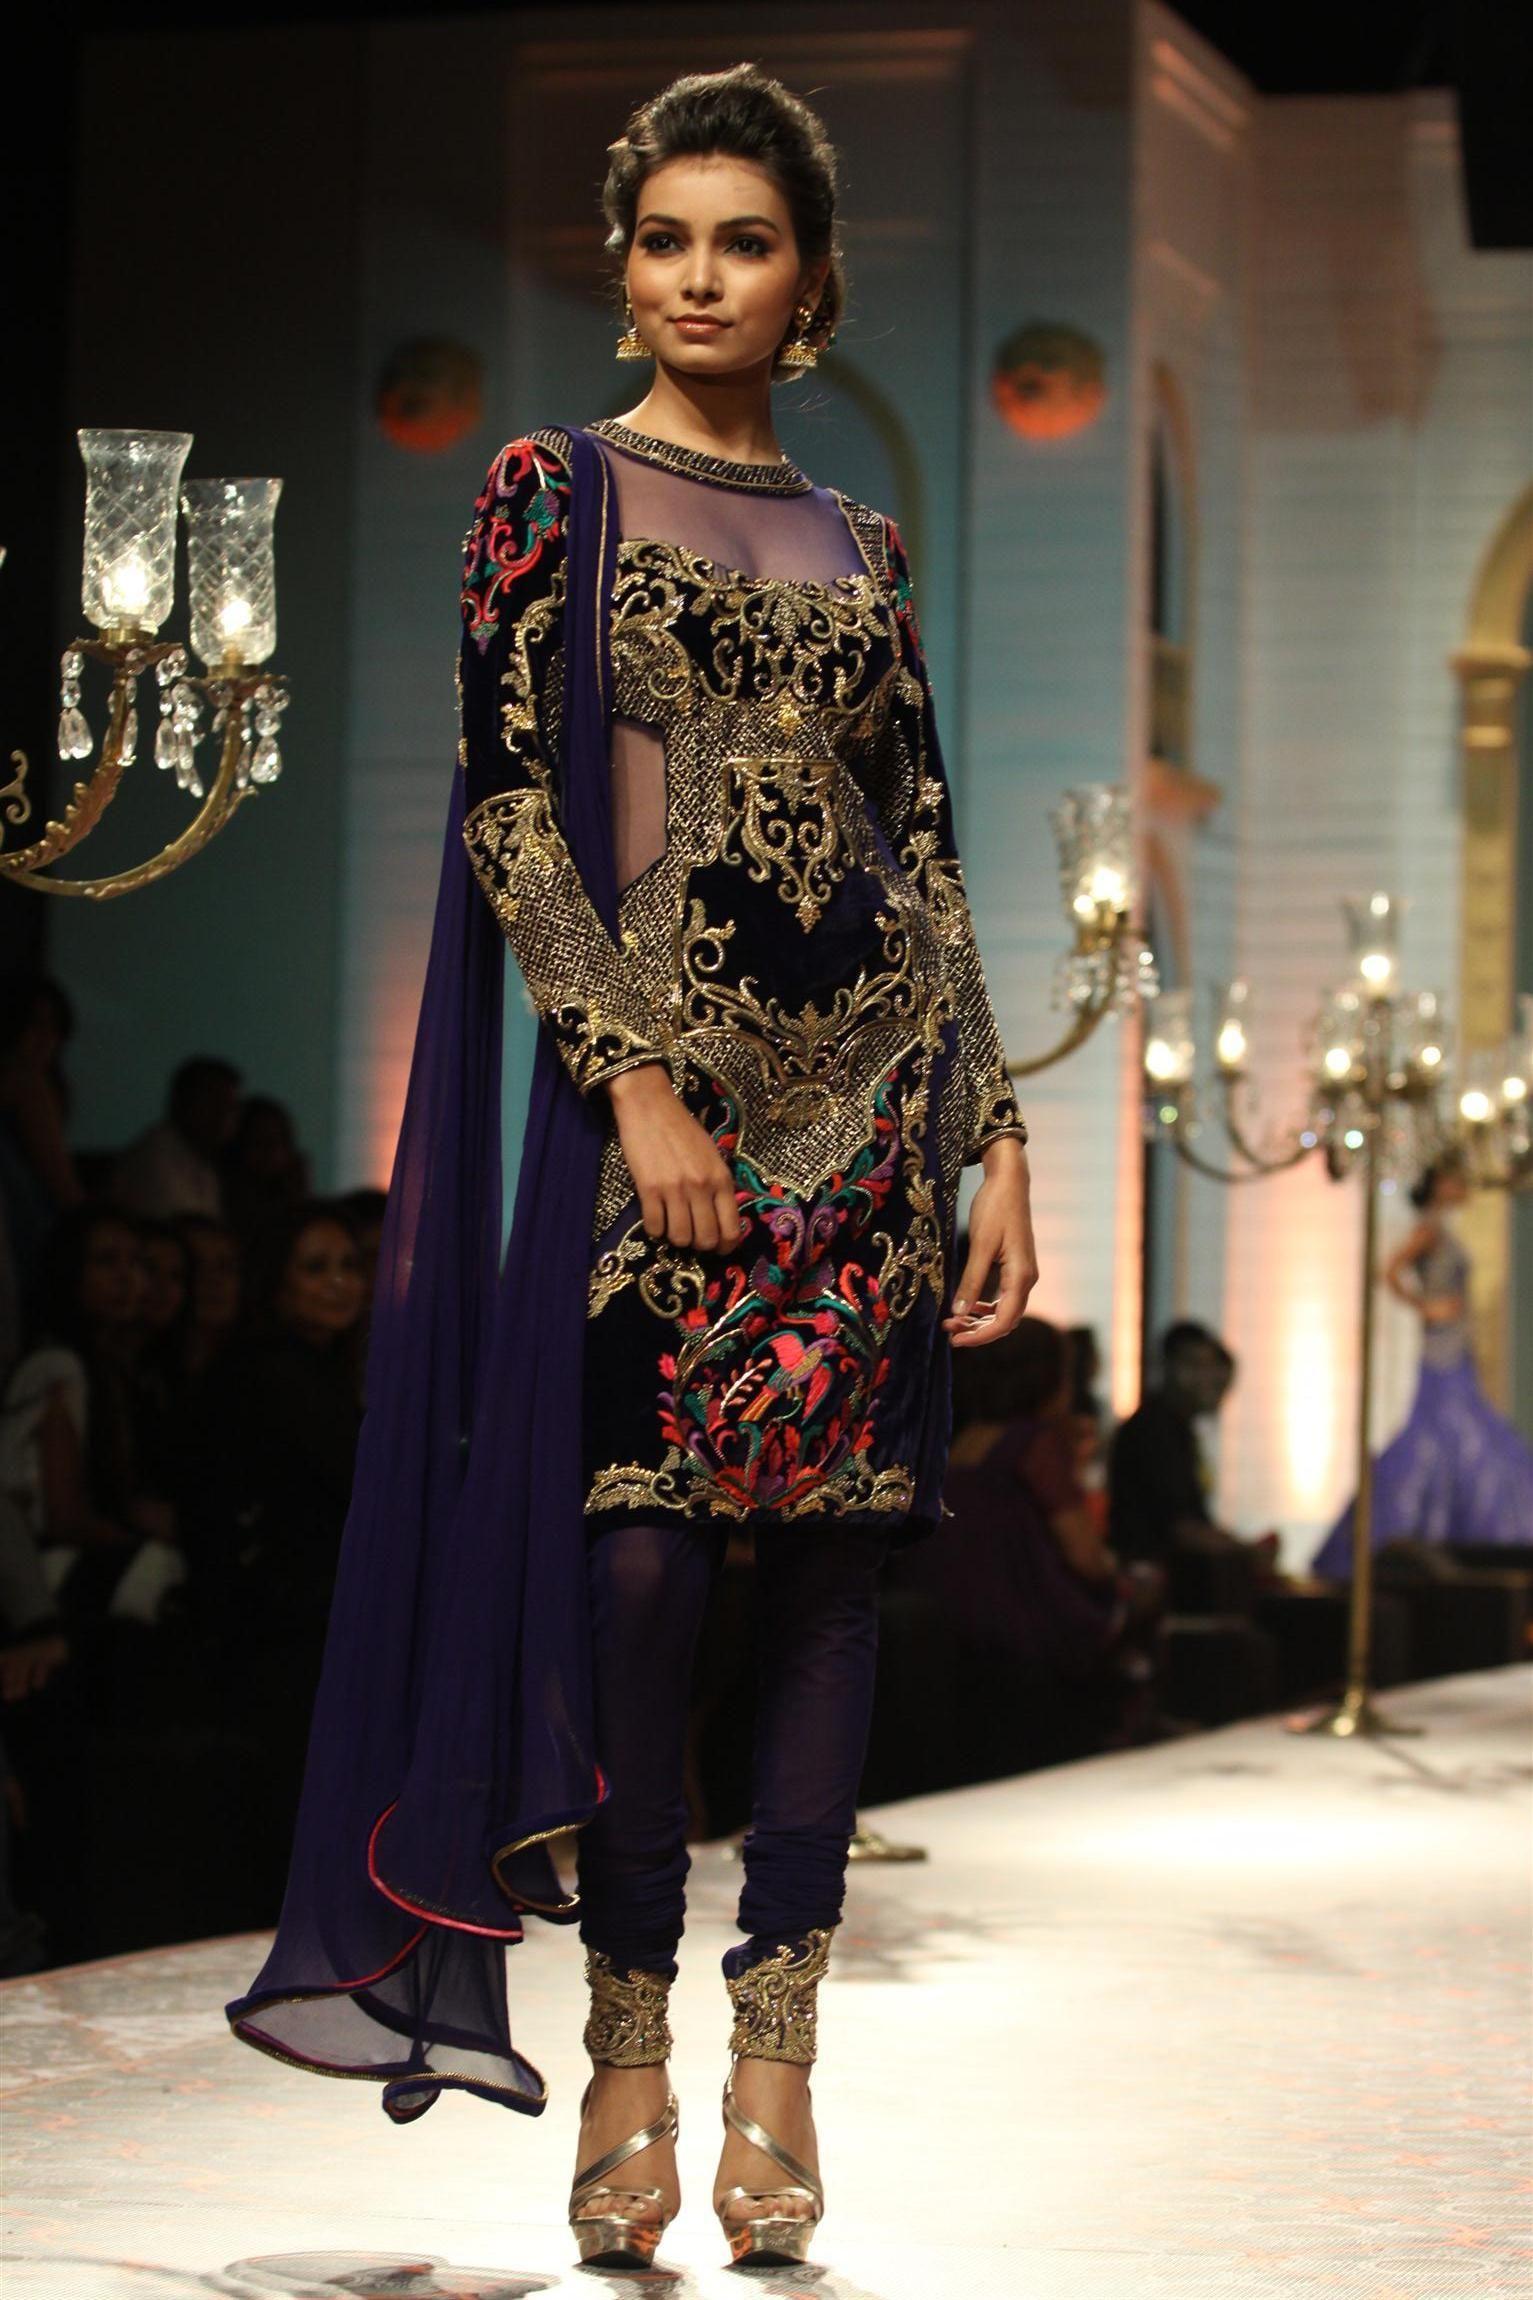 By mandira wirk saree indian wedding fashion style bride